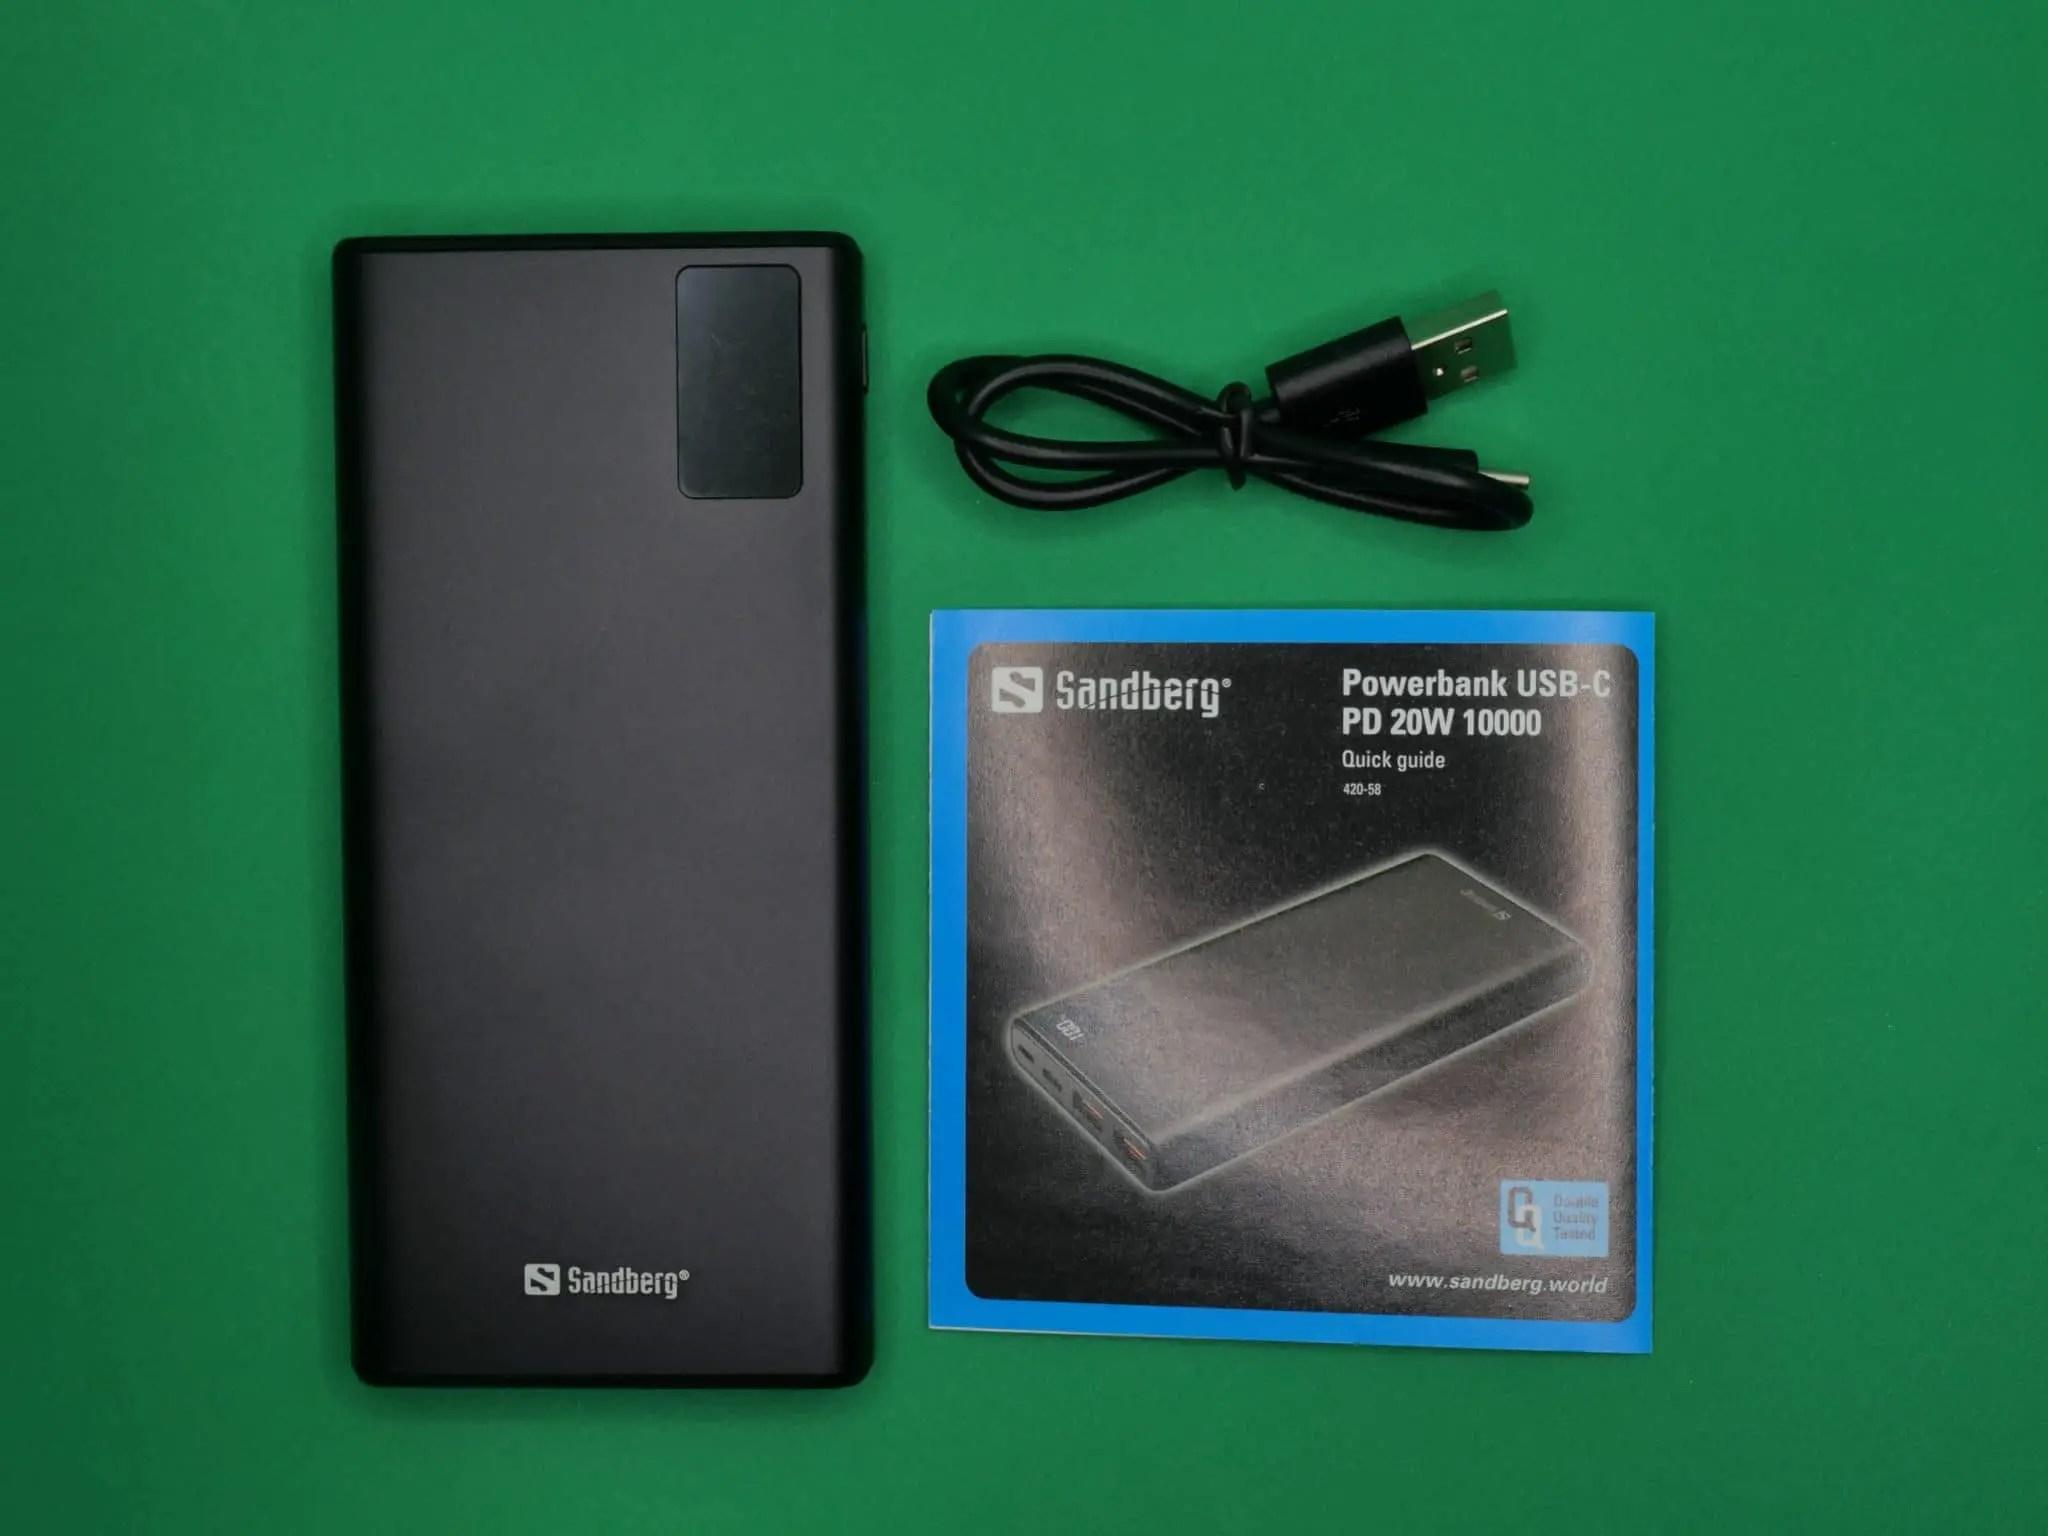 Powerbank Sandberg USB C PD 20W 10000 contenuto confezione scaled